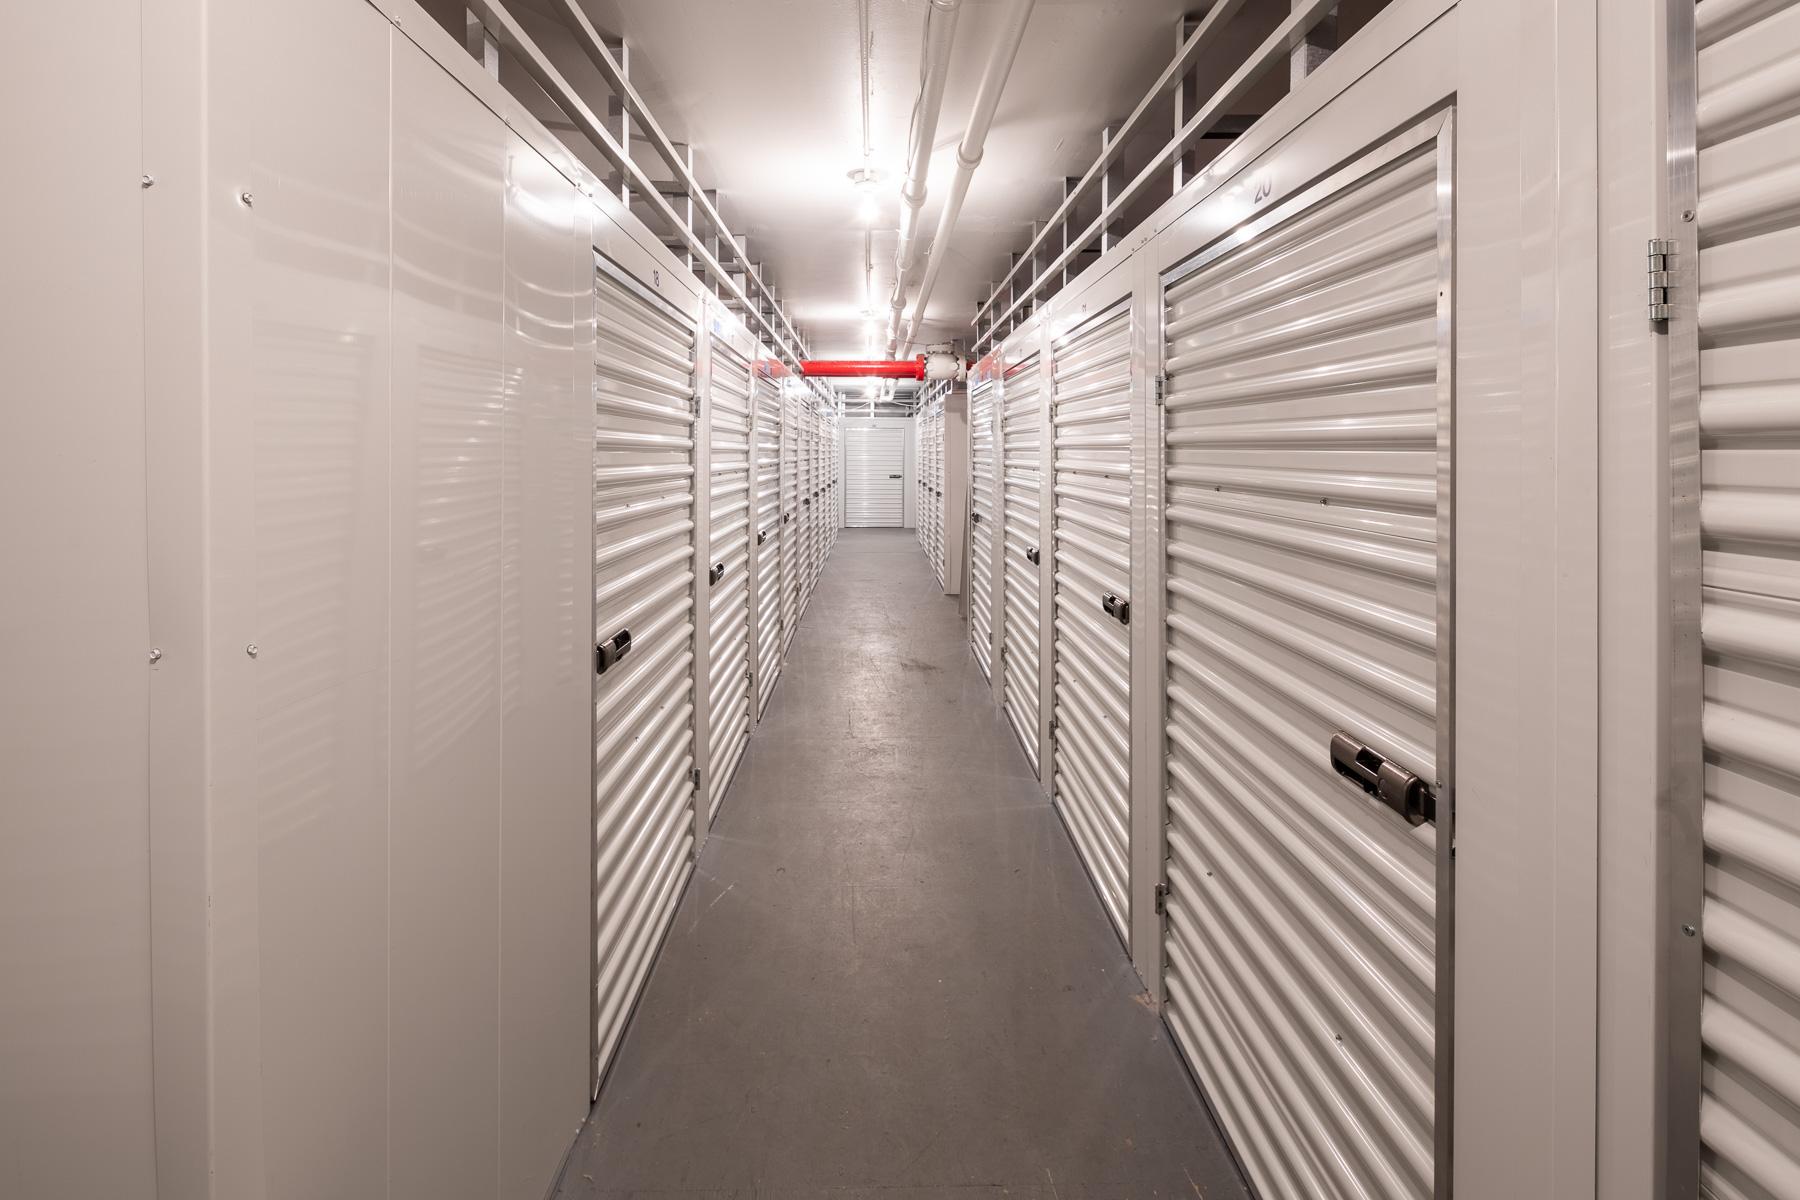 Local Locker Storage - Harlem